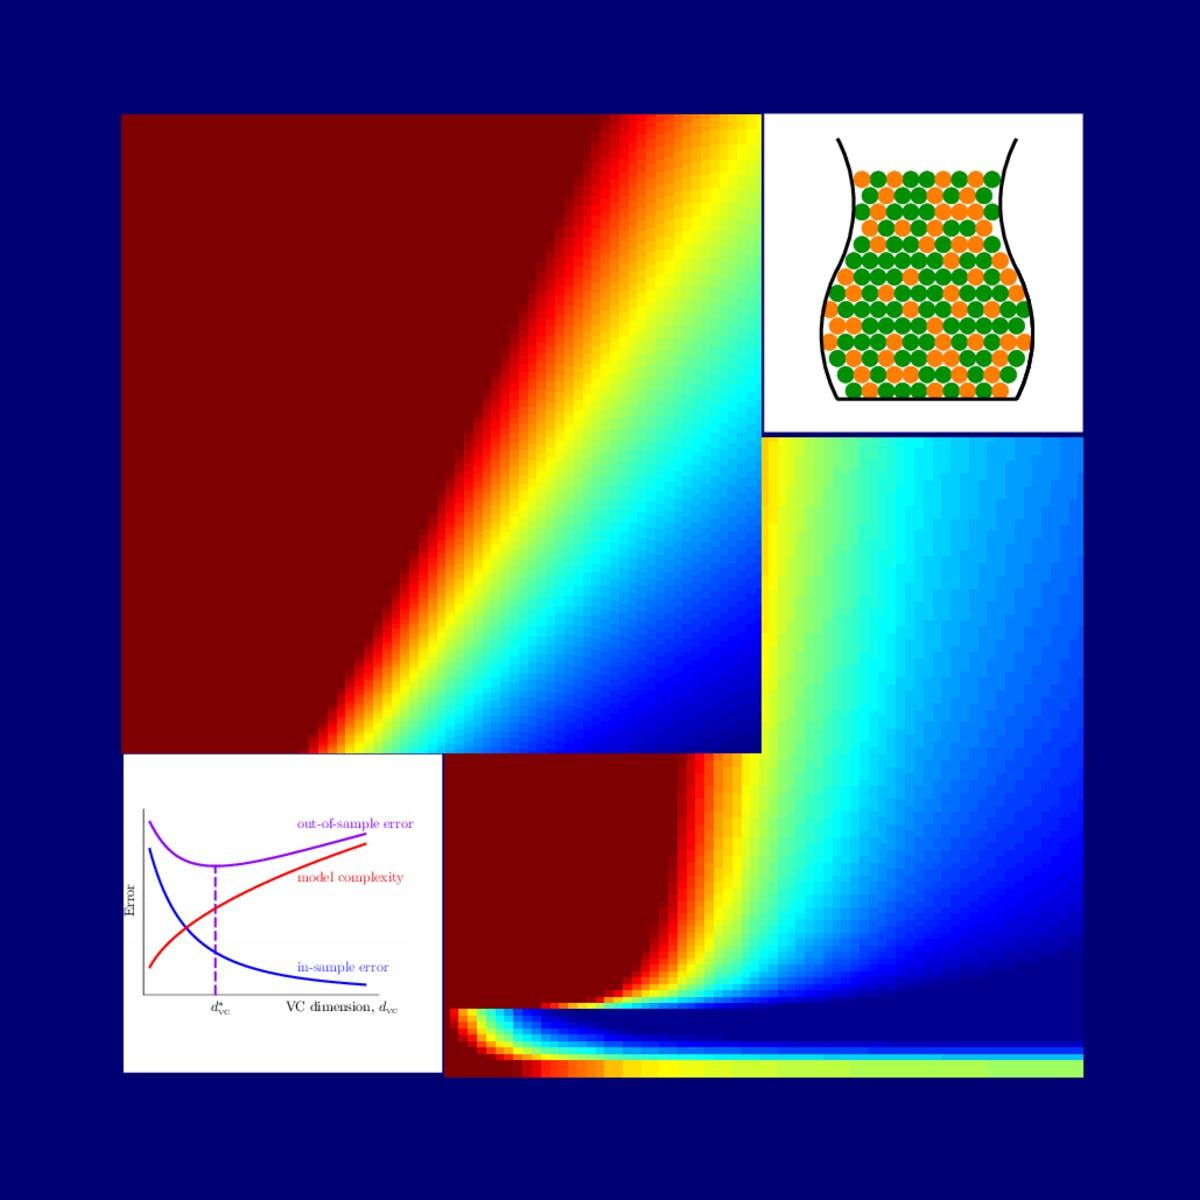 機器學習基石上 (Machine Learning Foundations)---Mathematical Foundations